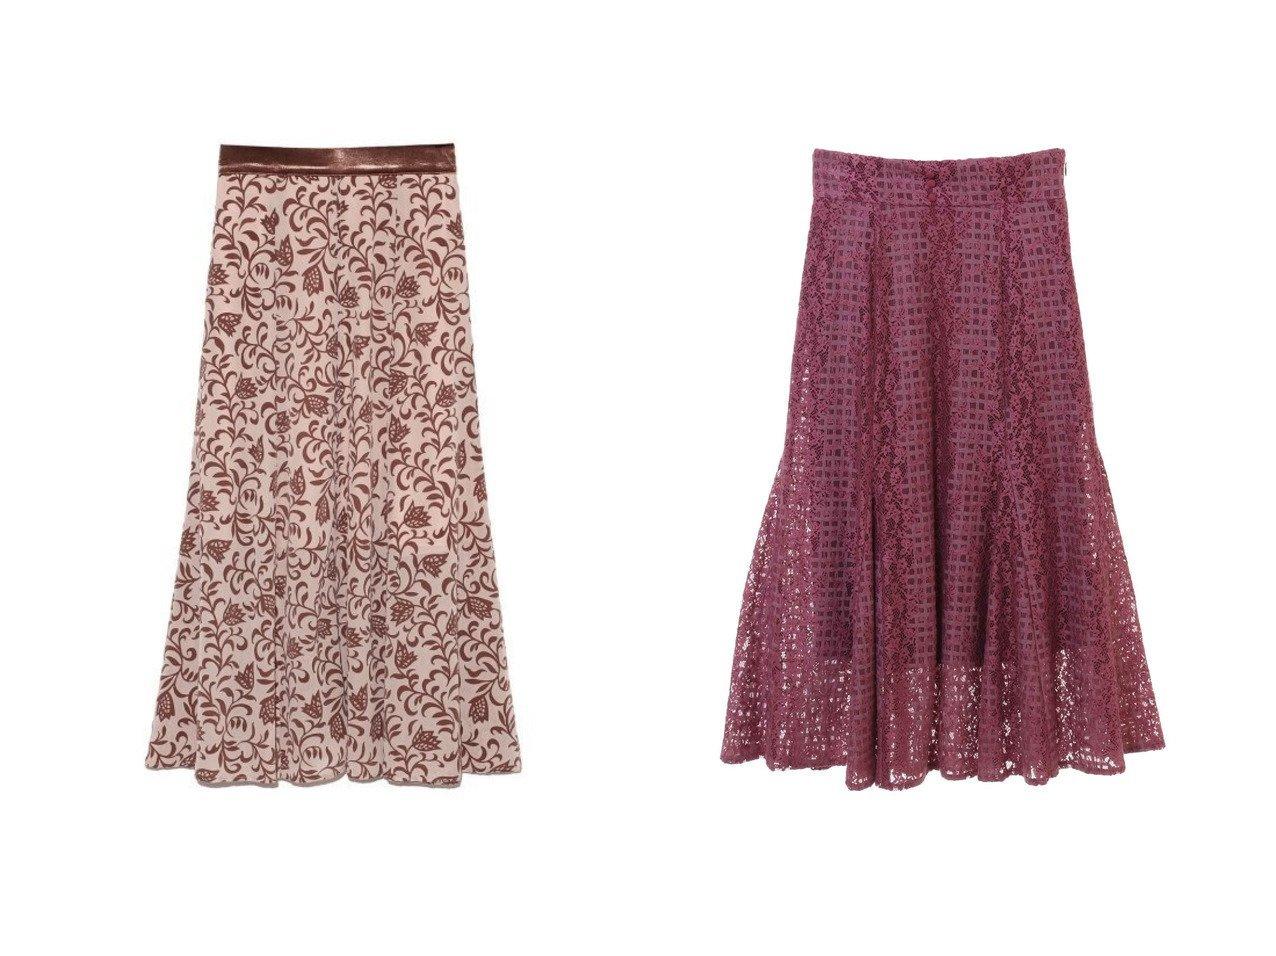 【31 Sons de mode/トランテアン ソン ドゥ モード】のモールレーススカート&【Lily Brown/リリーブラウン】のフラワーフロッキースカート スカートのおすすめ!人気、レディースファッションの通販  おすすめで人気のファッション通販商品 インテリア・家具・キッズファッション・メンズファッション・レディースファッション・服の通販 founy(ファニー) https://founy.com/ ファッション Fashion レディース WOMEN ワンピース Dress スカート Skirt Aライン/フレアスカート Flared A-Line Skirts オリエンタル スリット フレア ベロア ヴィンテージ 冬 Winter ギャザー レース  ID:crp329100000004041